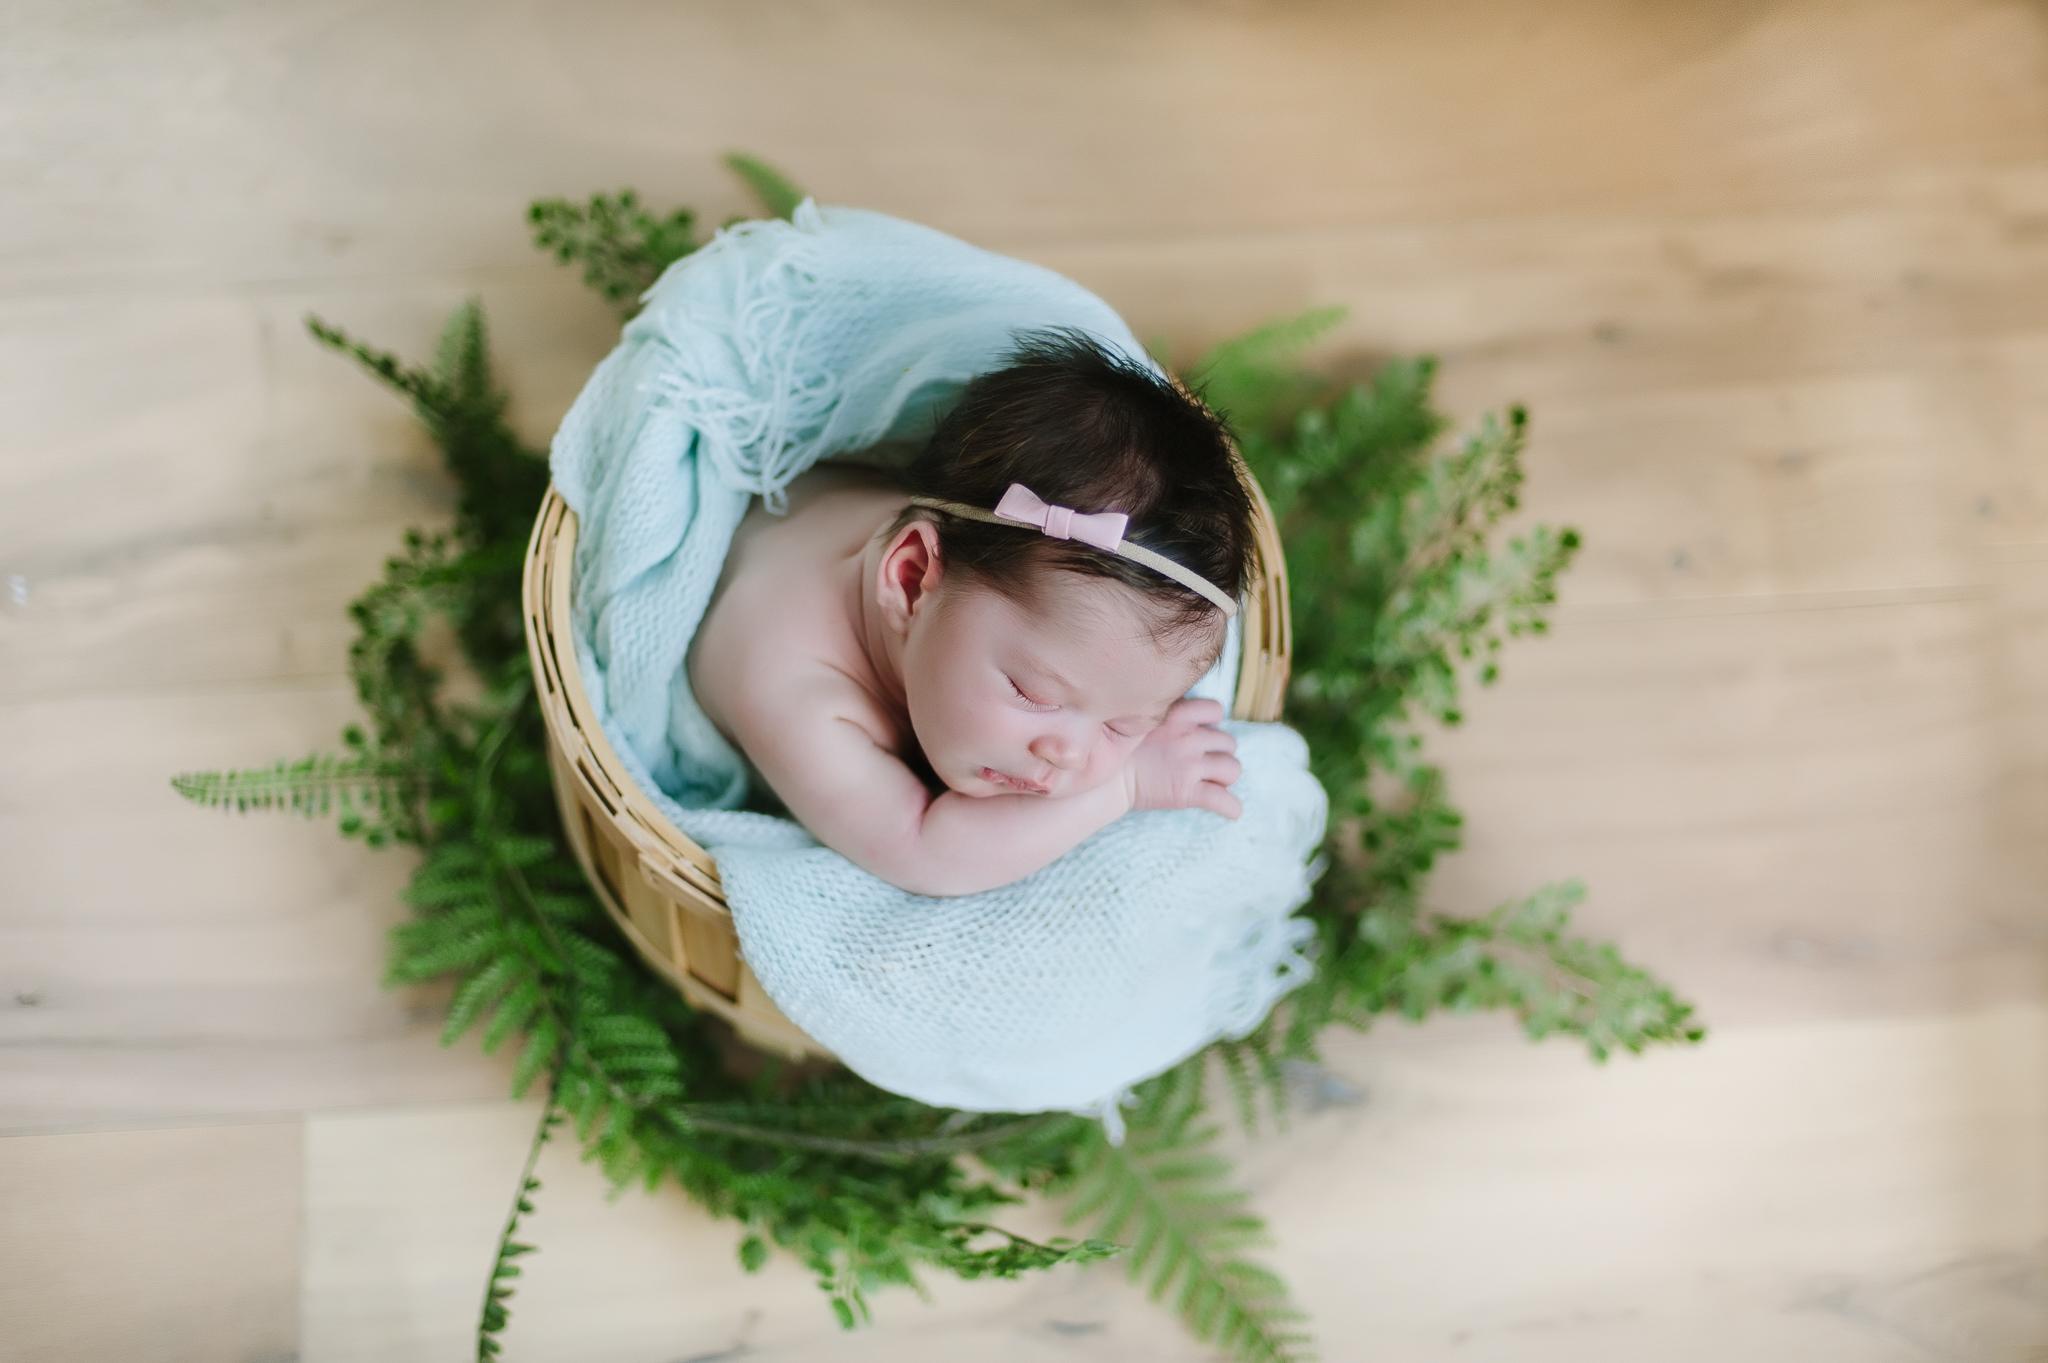 001__baby Madeline Longobardo